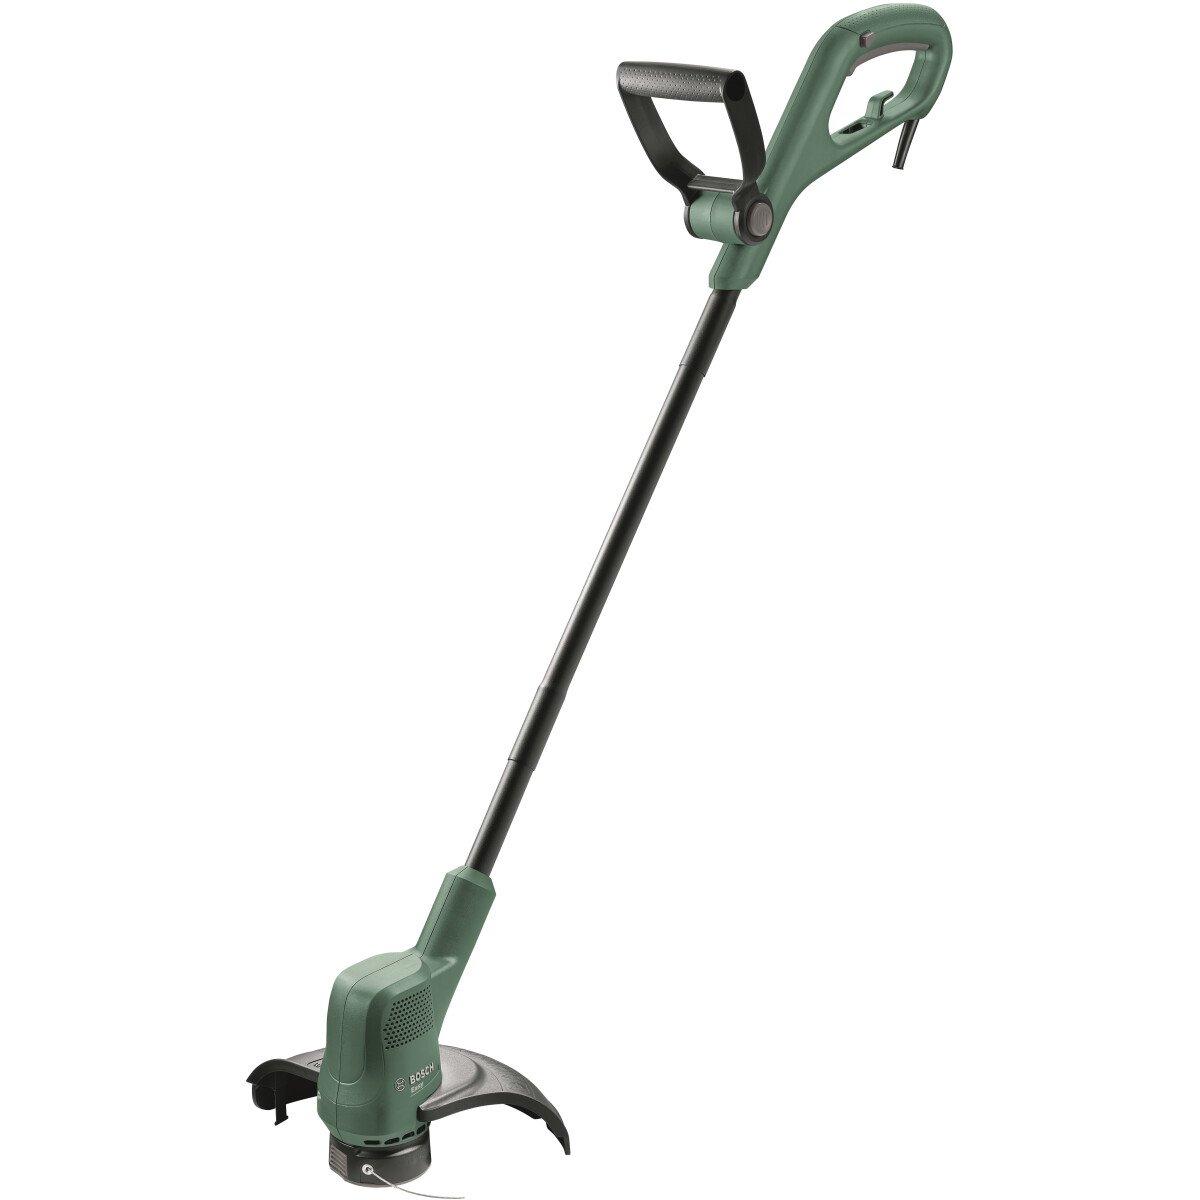 Bosch EasyGrassCut 26 26cm Grass Trimmer